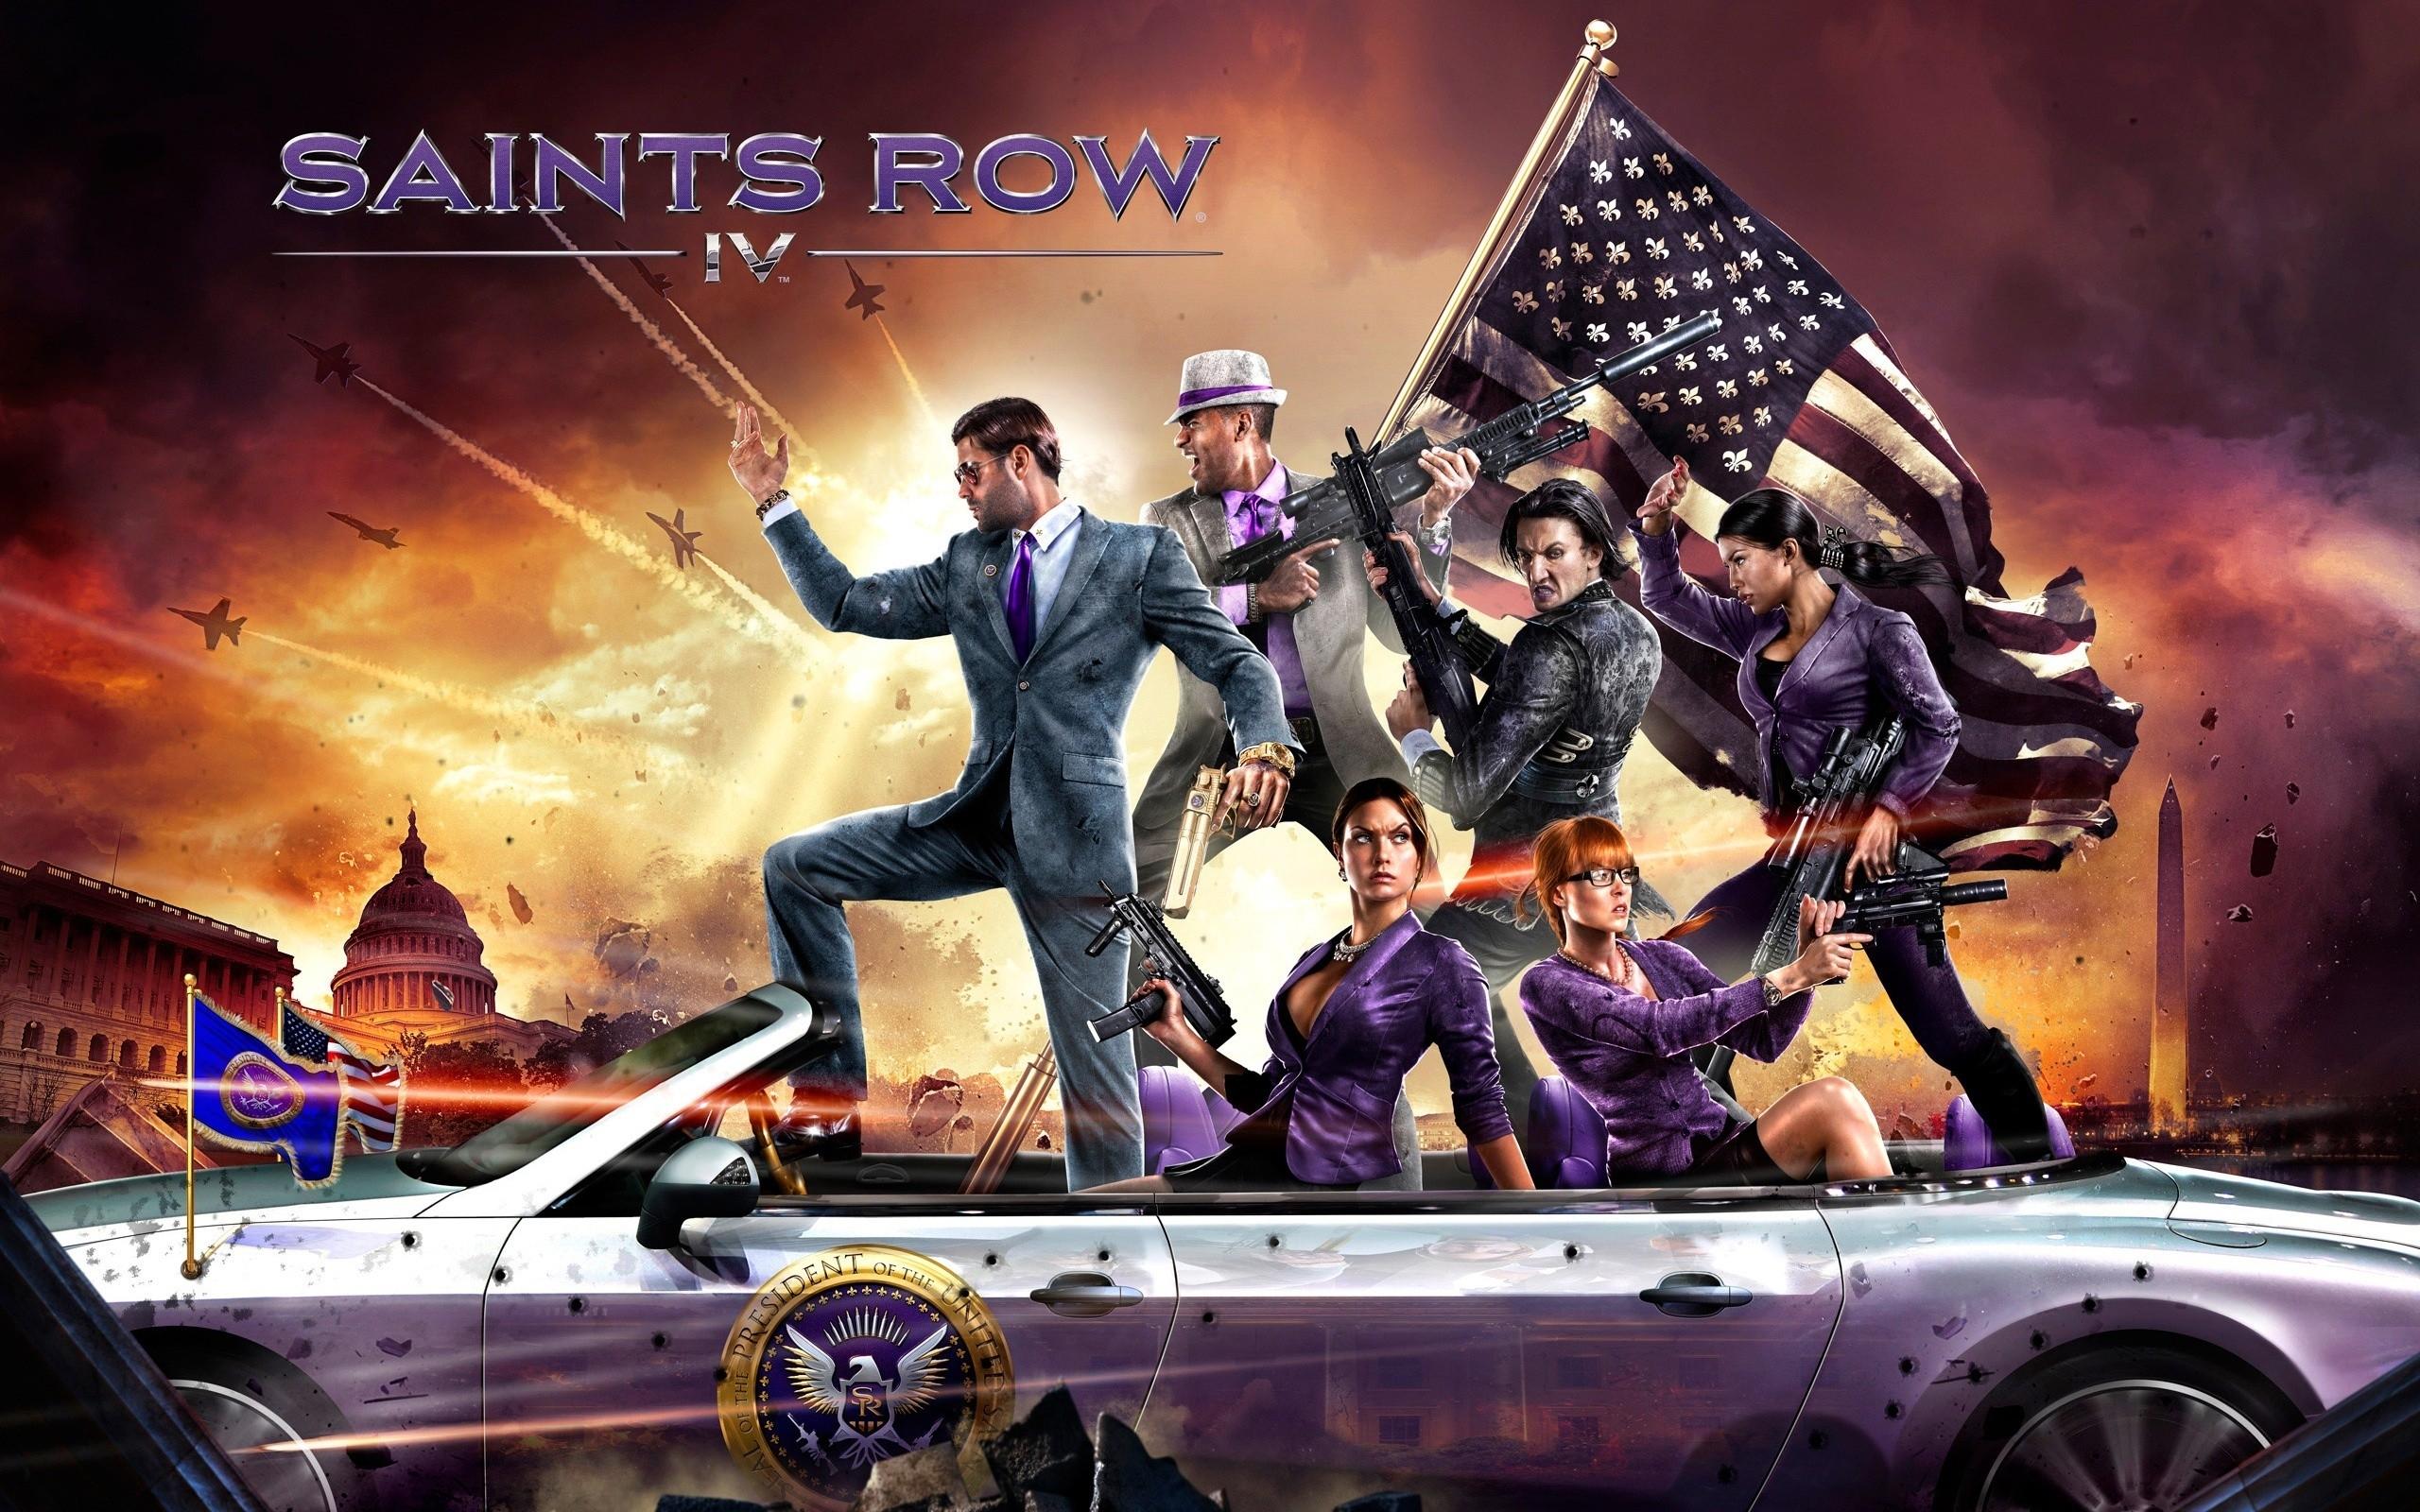 23 saints row iv fonds d'écran hd | arrière-plans - wallpaper abyss